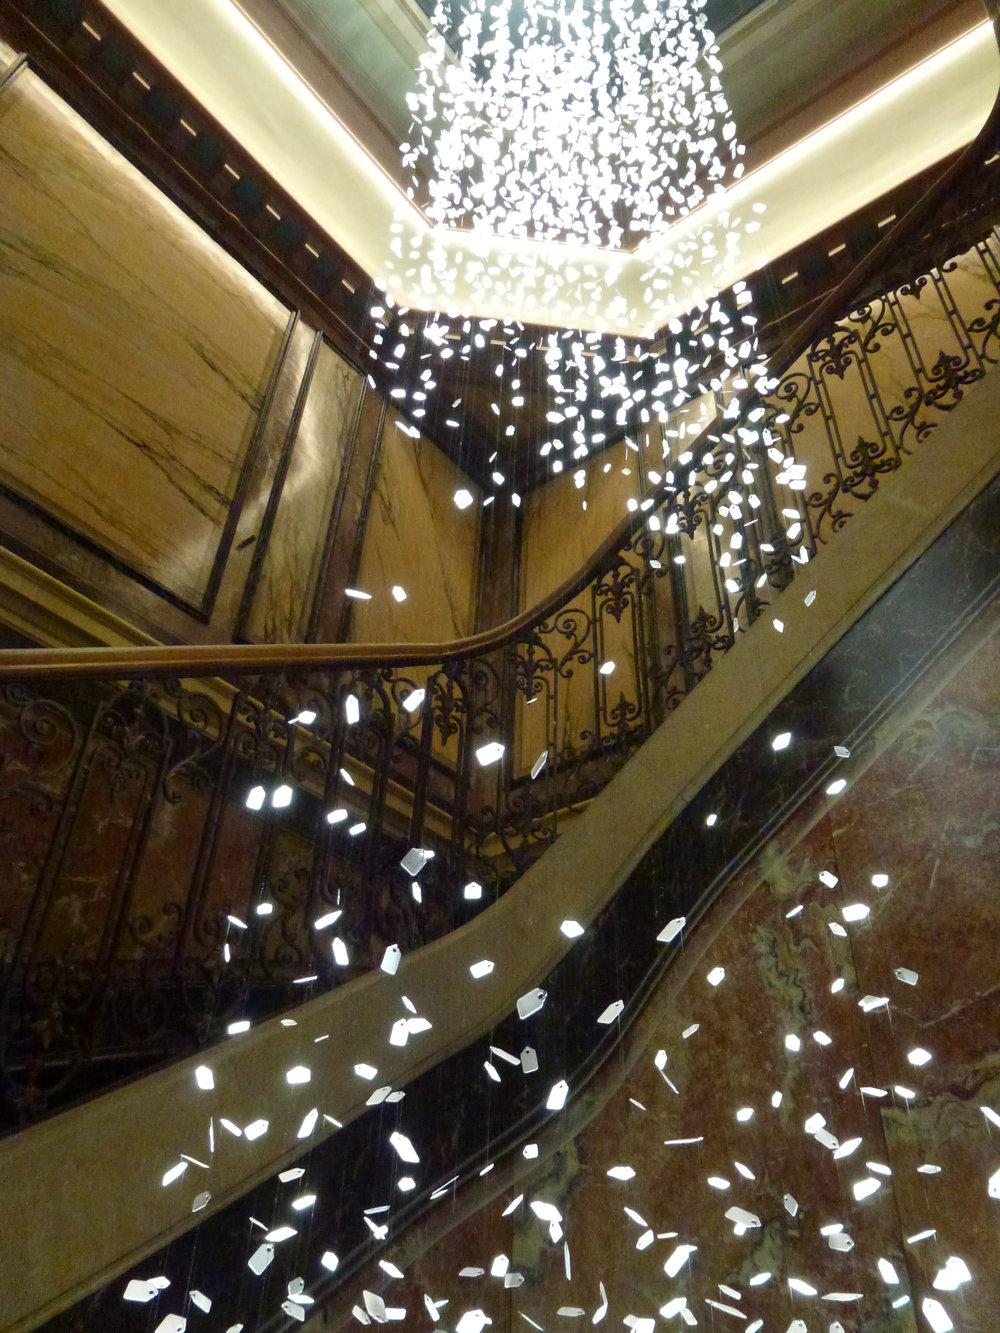 Magnifique cage d'escalier, ornée d'une cascade lumineuse d'étiquettes